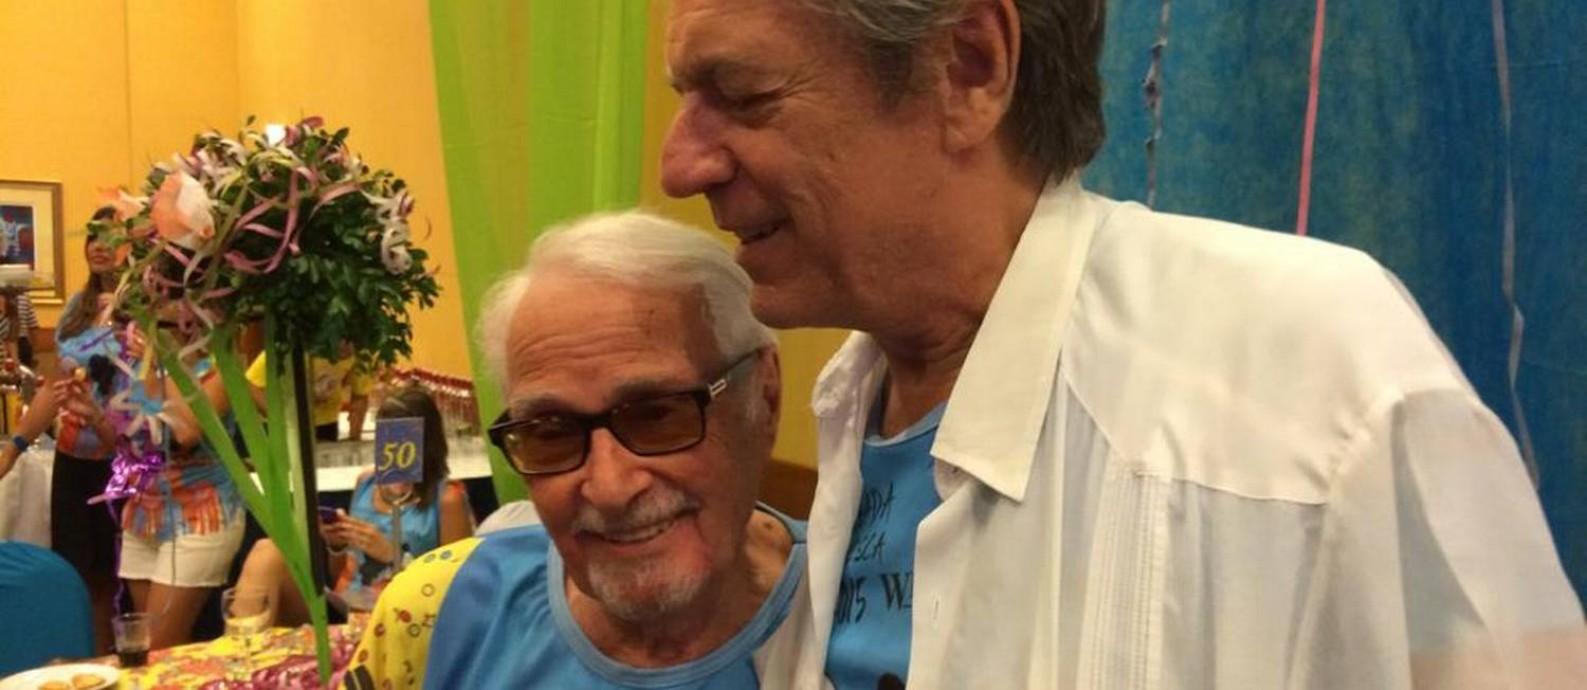 Chico Caruso e Lan, na feijoada que celebrou os 90 anos do mestre, em 2015 Foto: Arquivo Pessoal